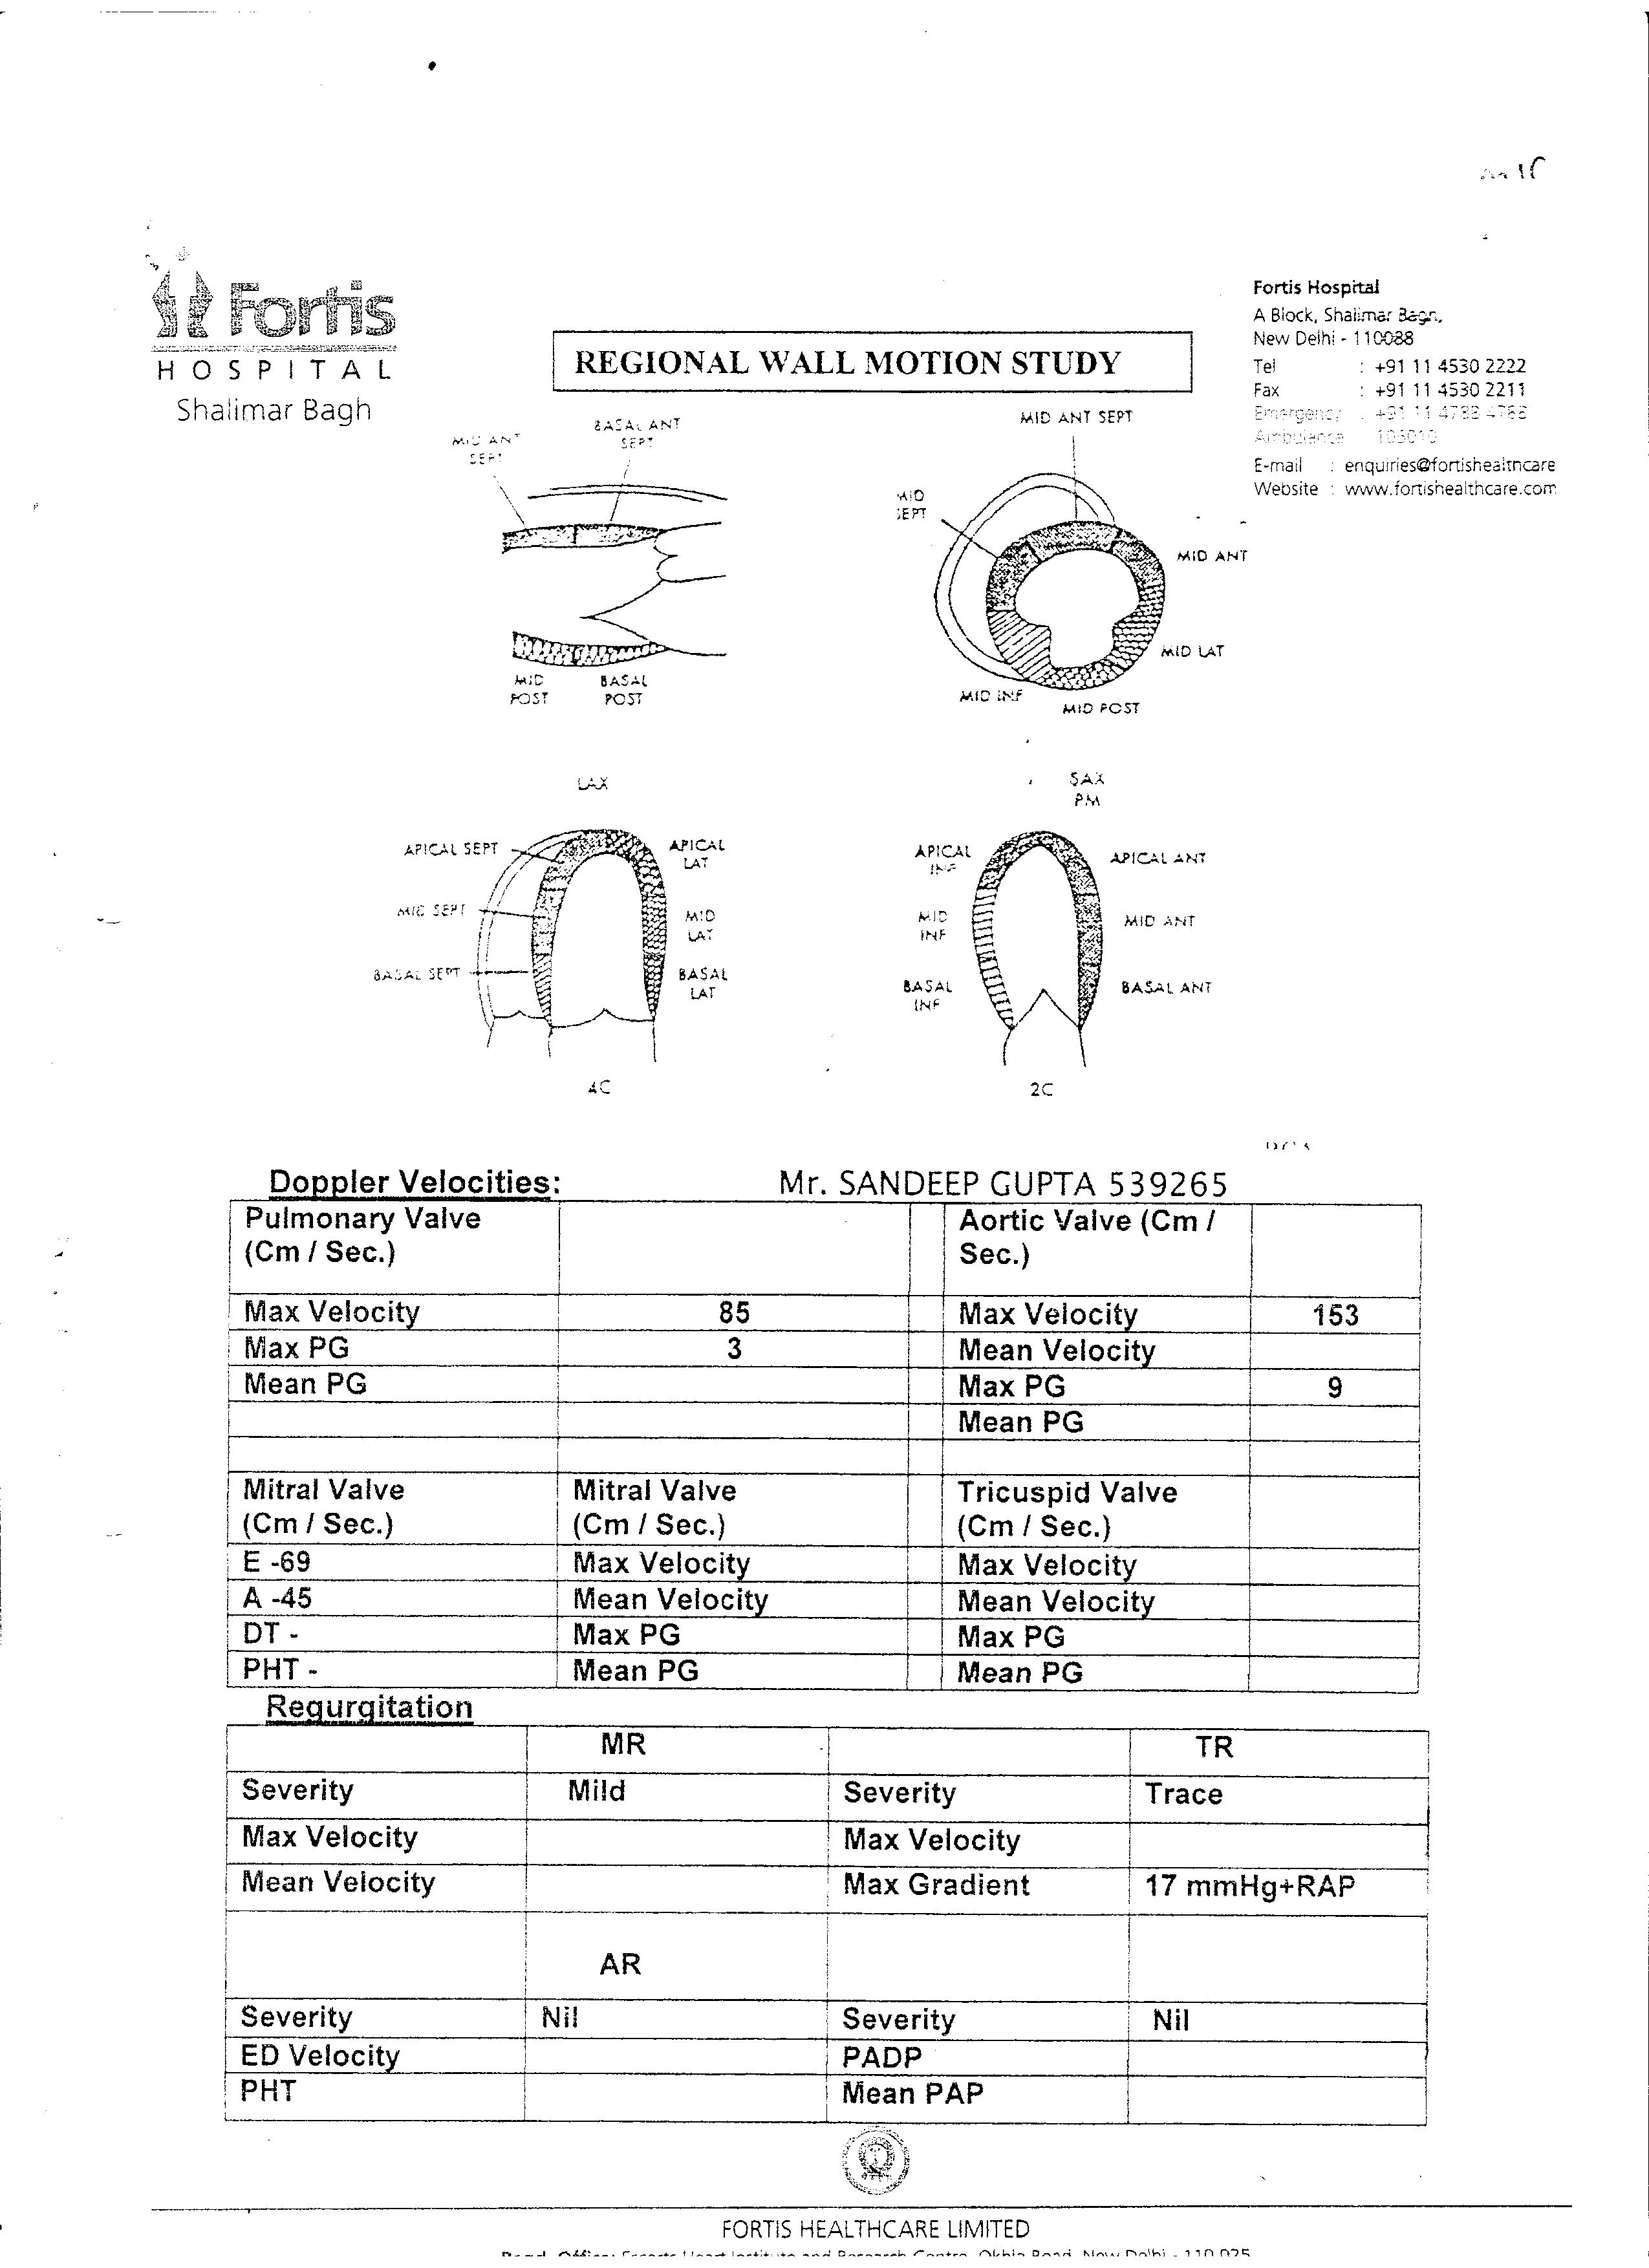 SANDEEP-GUPTA-43yrs-Kidney-Failure-Treatment-1